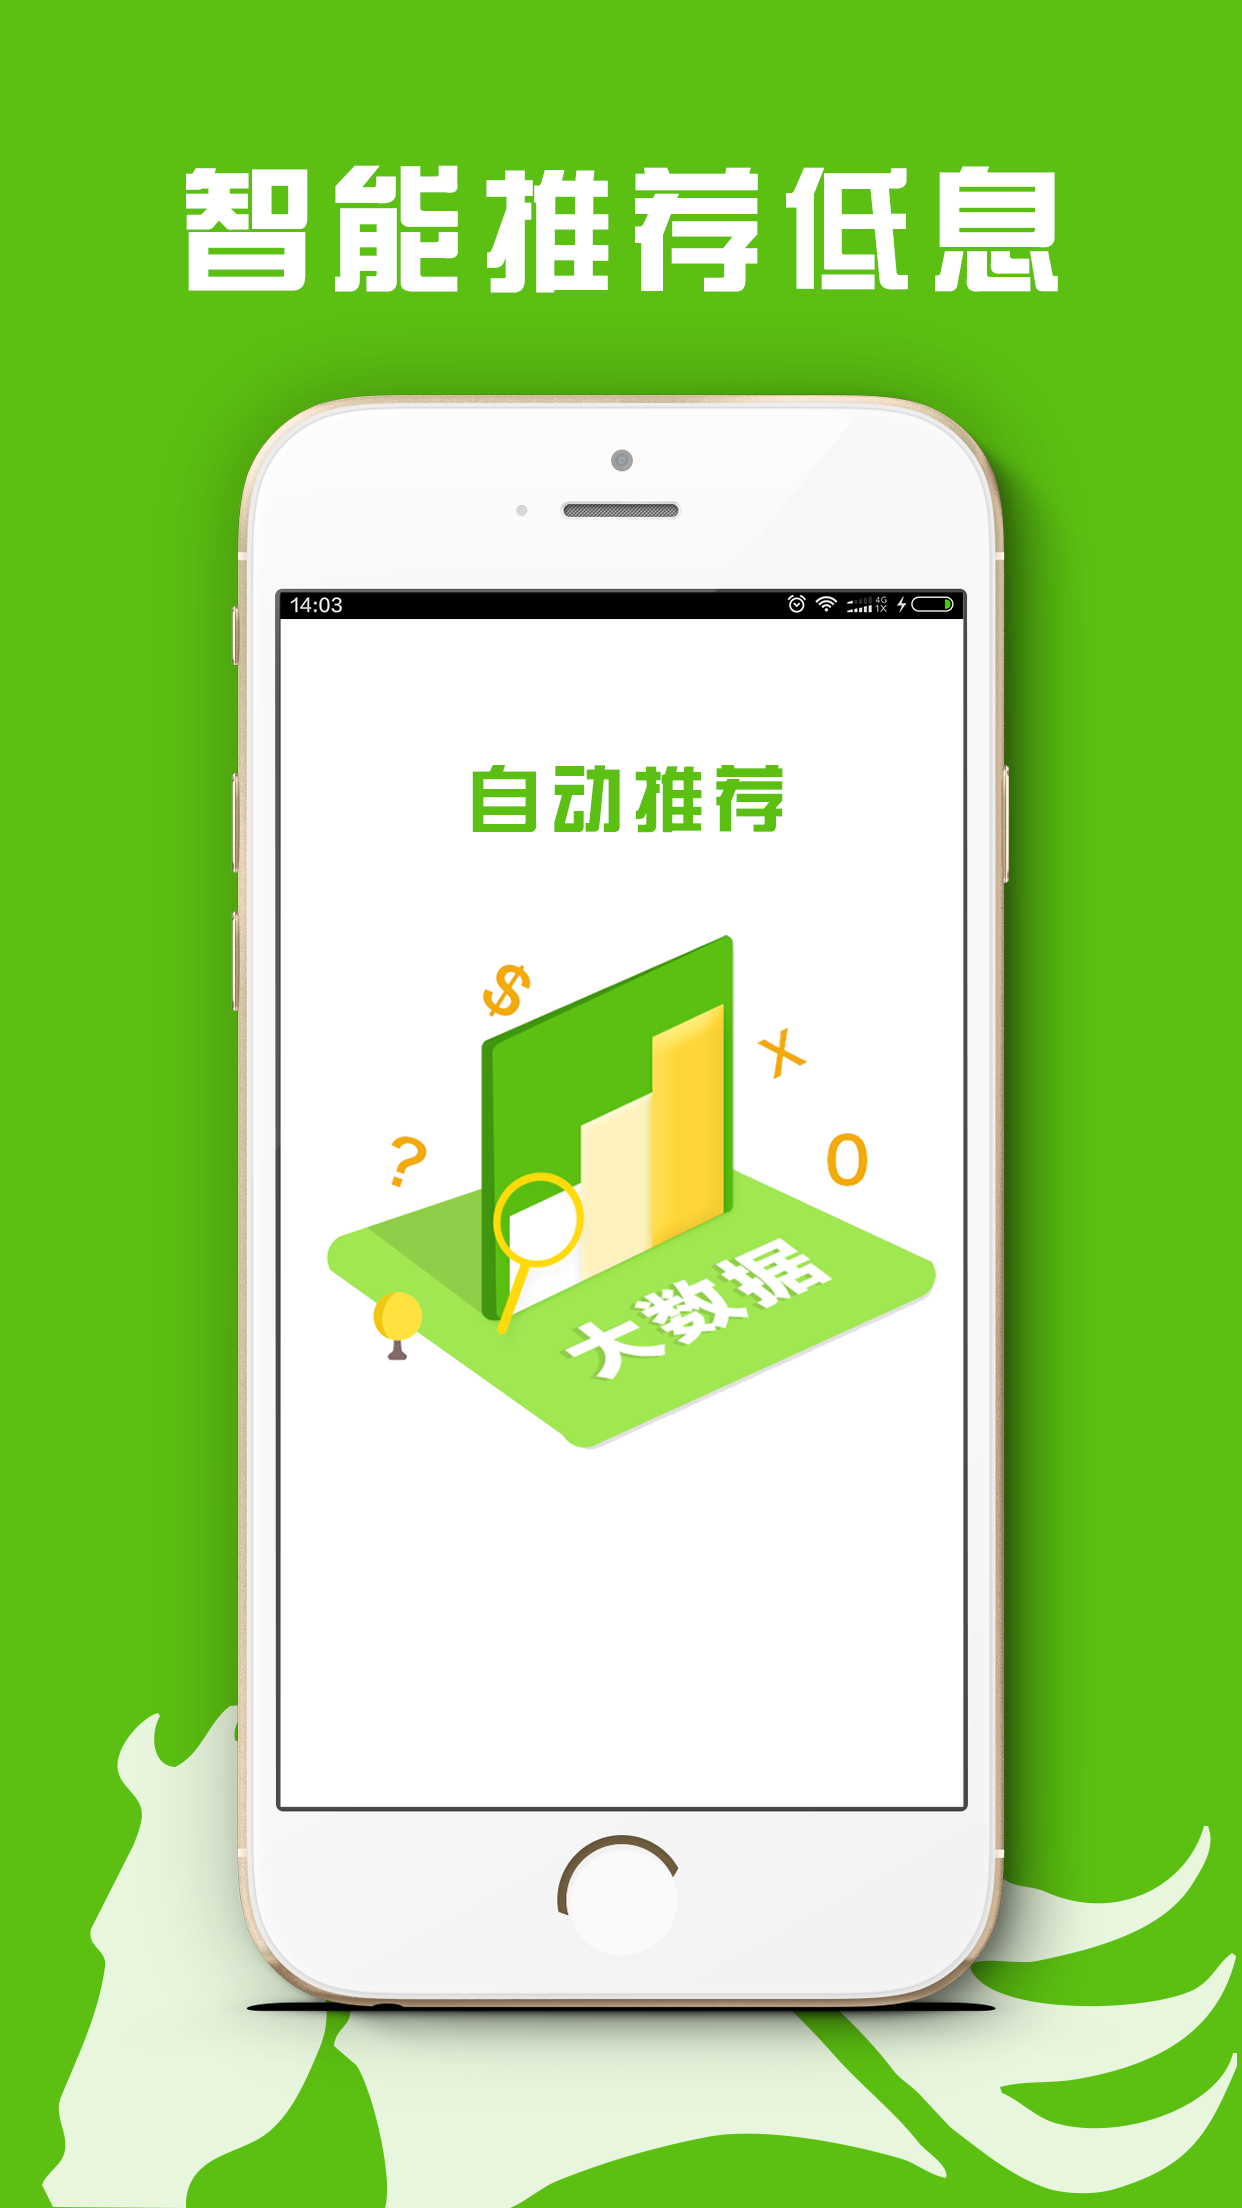 闪讯钱包贷款app官方手机版下载图1: